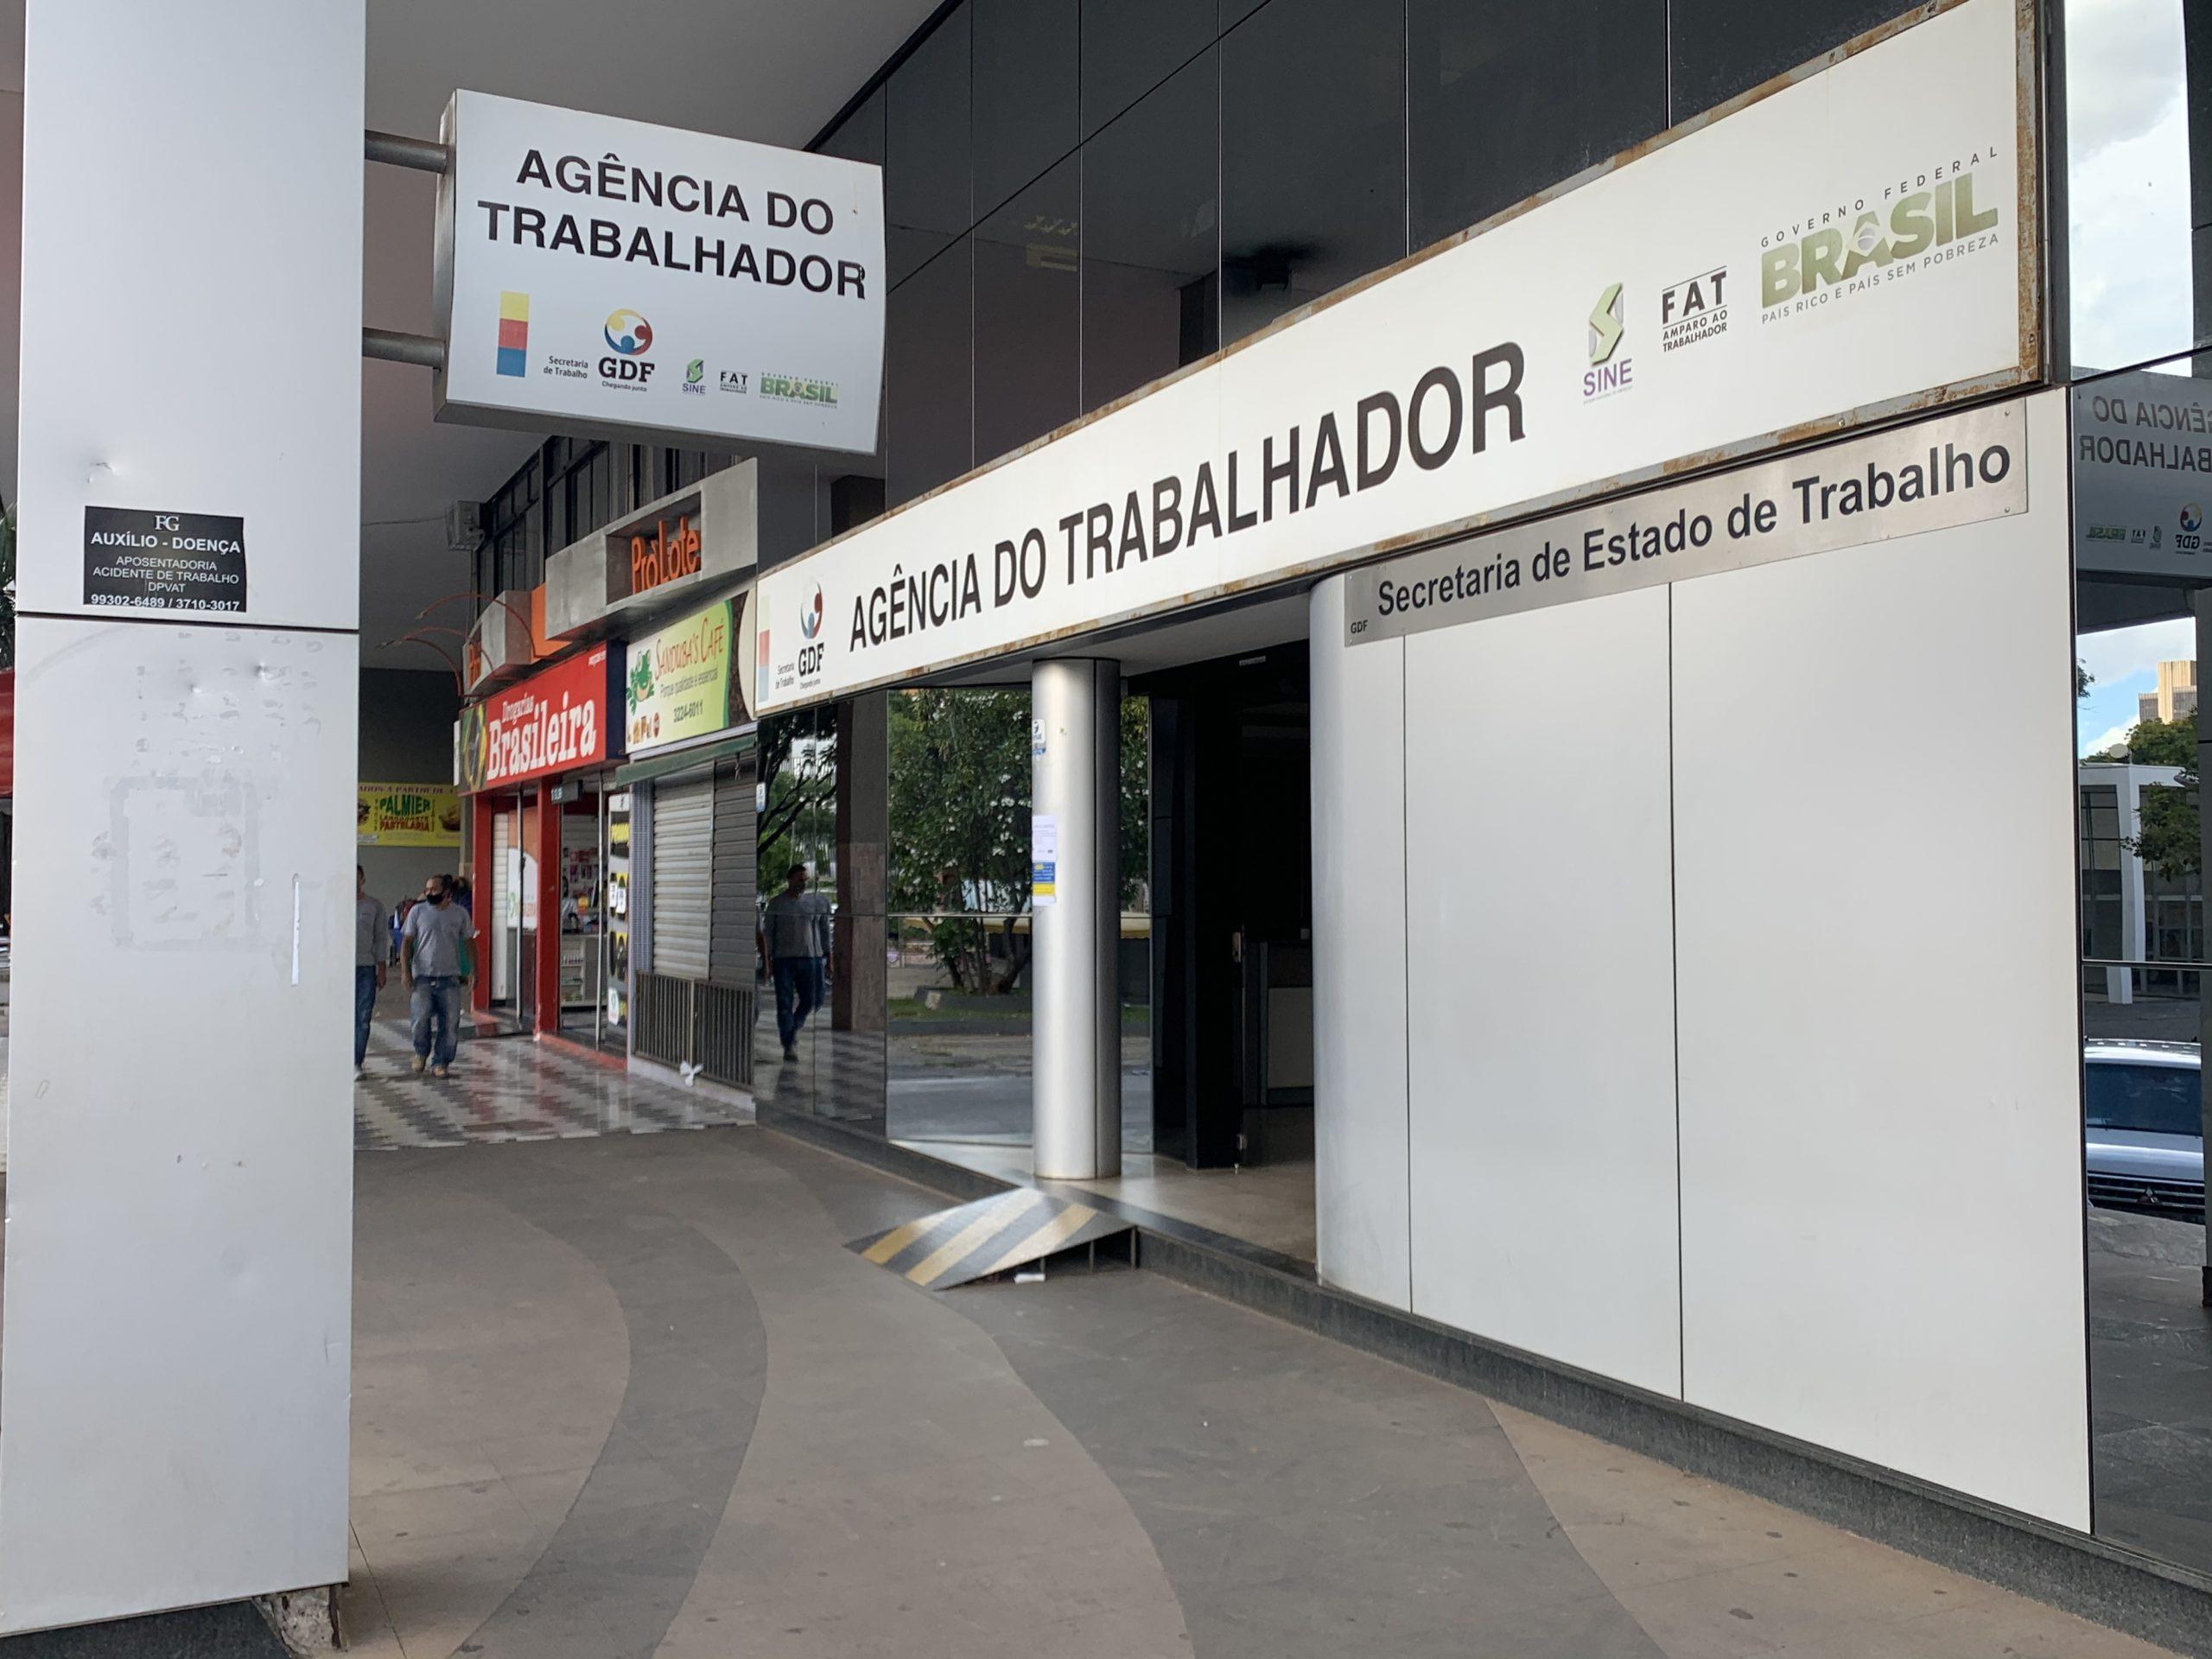 AGÊNCIAS DO TRABALHADOR | Comércio oferece 105 vagas nesta quinta (28)